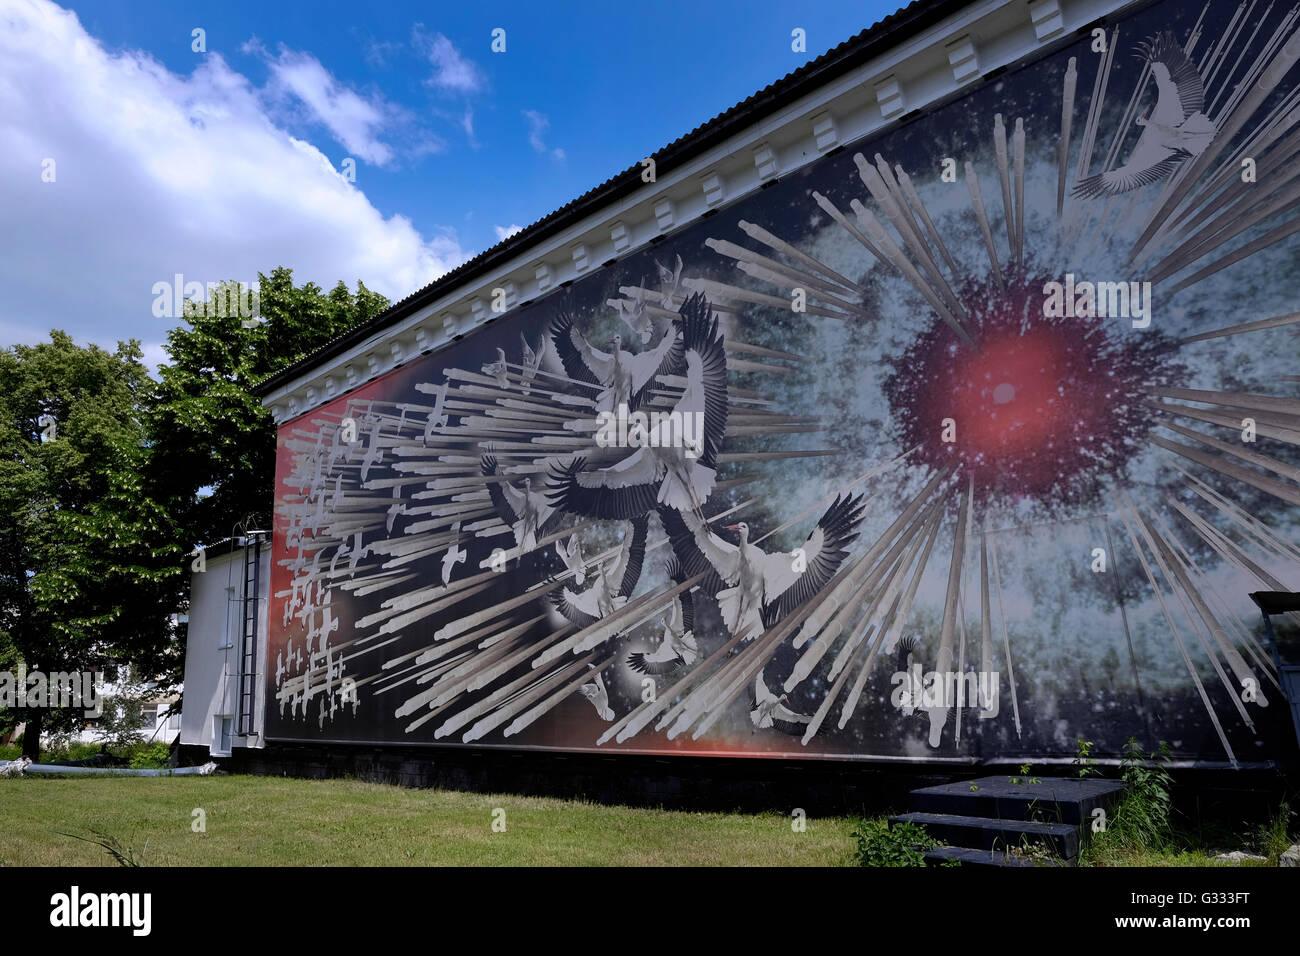 Ma se anche abbelliste il muro esterno di una casa con un dipinto, non sarebbe ancora un murale se attraverso le sue forme non trasmettesse un messaggio,. Murale Esterno Di Un Museo Che Commemora La Catastrofe Nucleare Di Cernobyl Che Raffigura Un Esplosione Del Nocciolo Del Reattore E Le Immagini Delle Cicogne La Nazionale Ucraina Di Uccello Della Citta